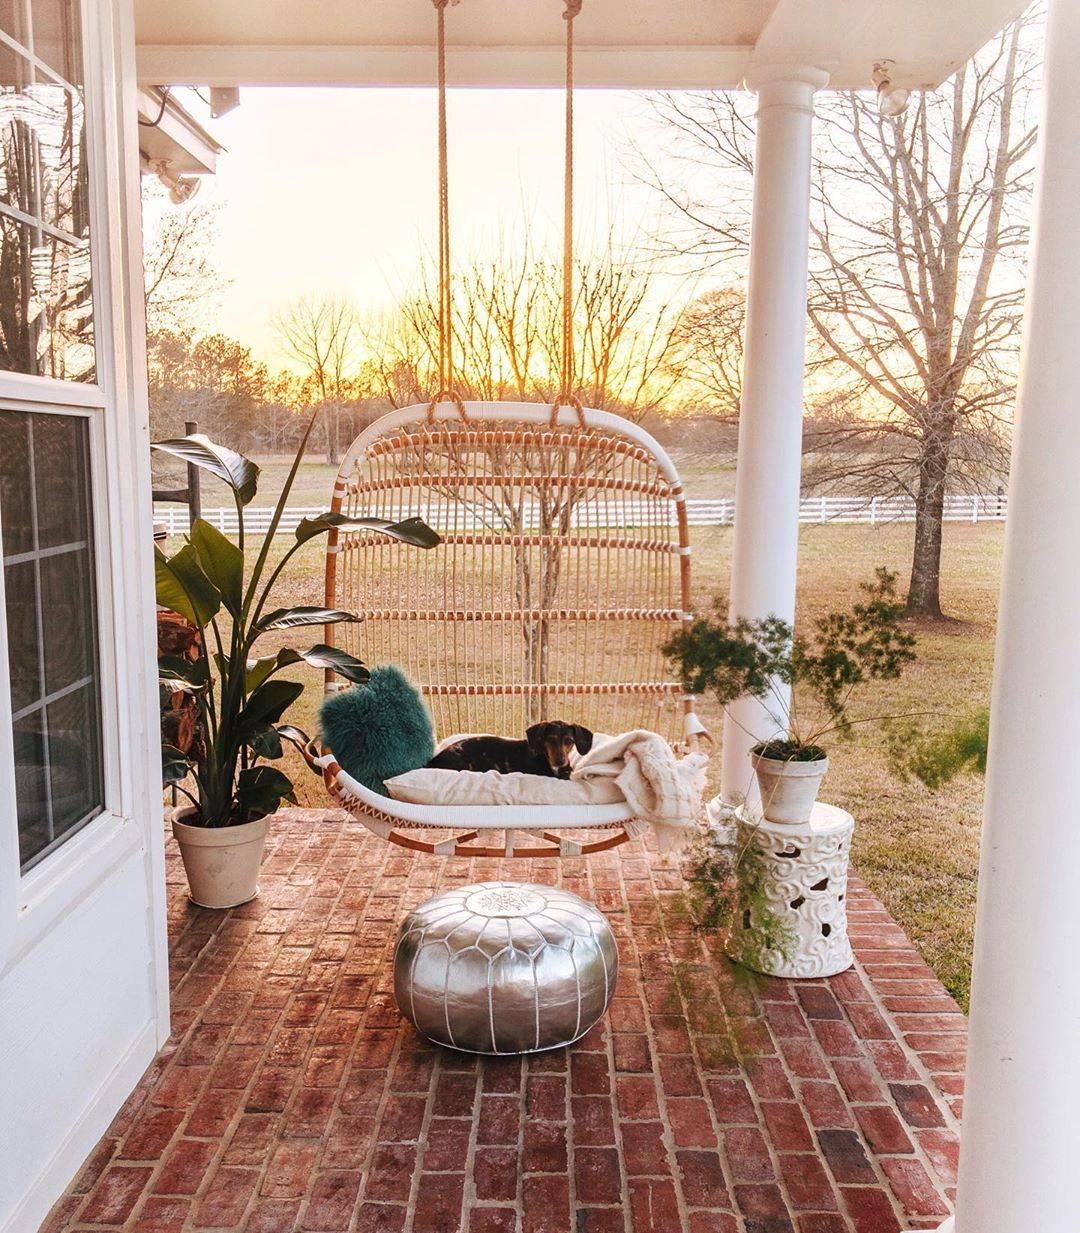 Những ý tưởng hữu ích giúp góc thư giãn ngoài trời mùa hè thêm lãng mạn - Ảnh 2.